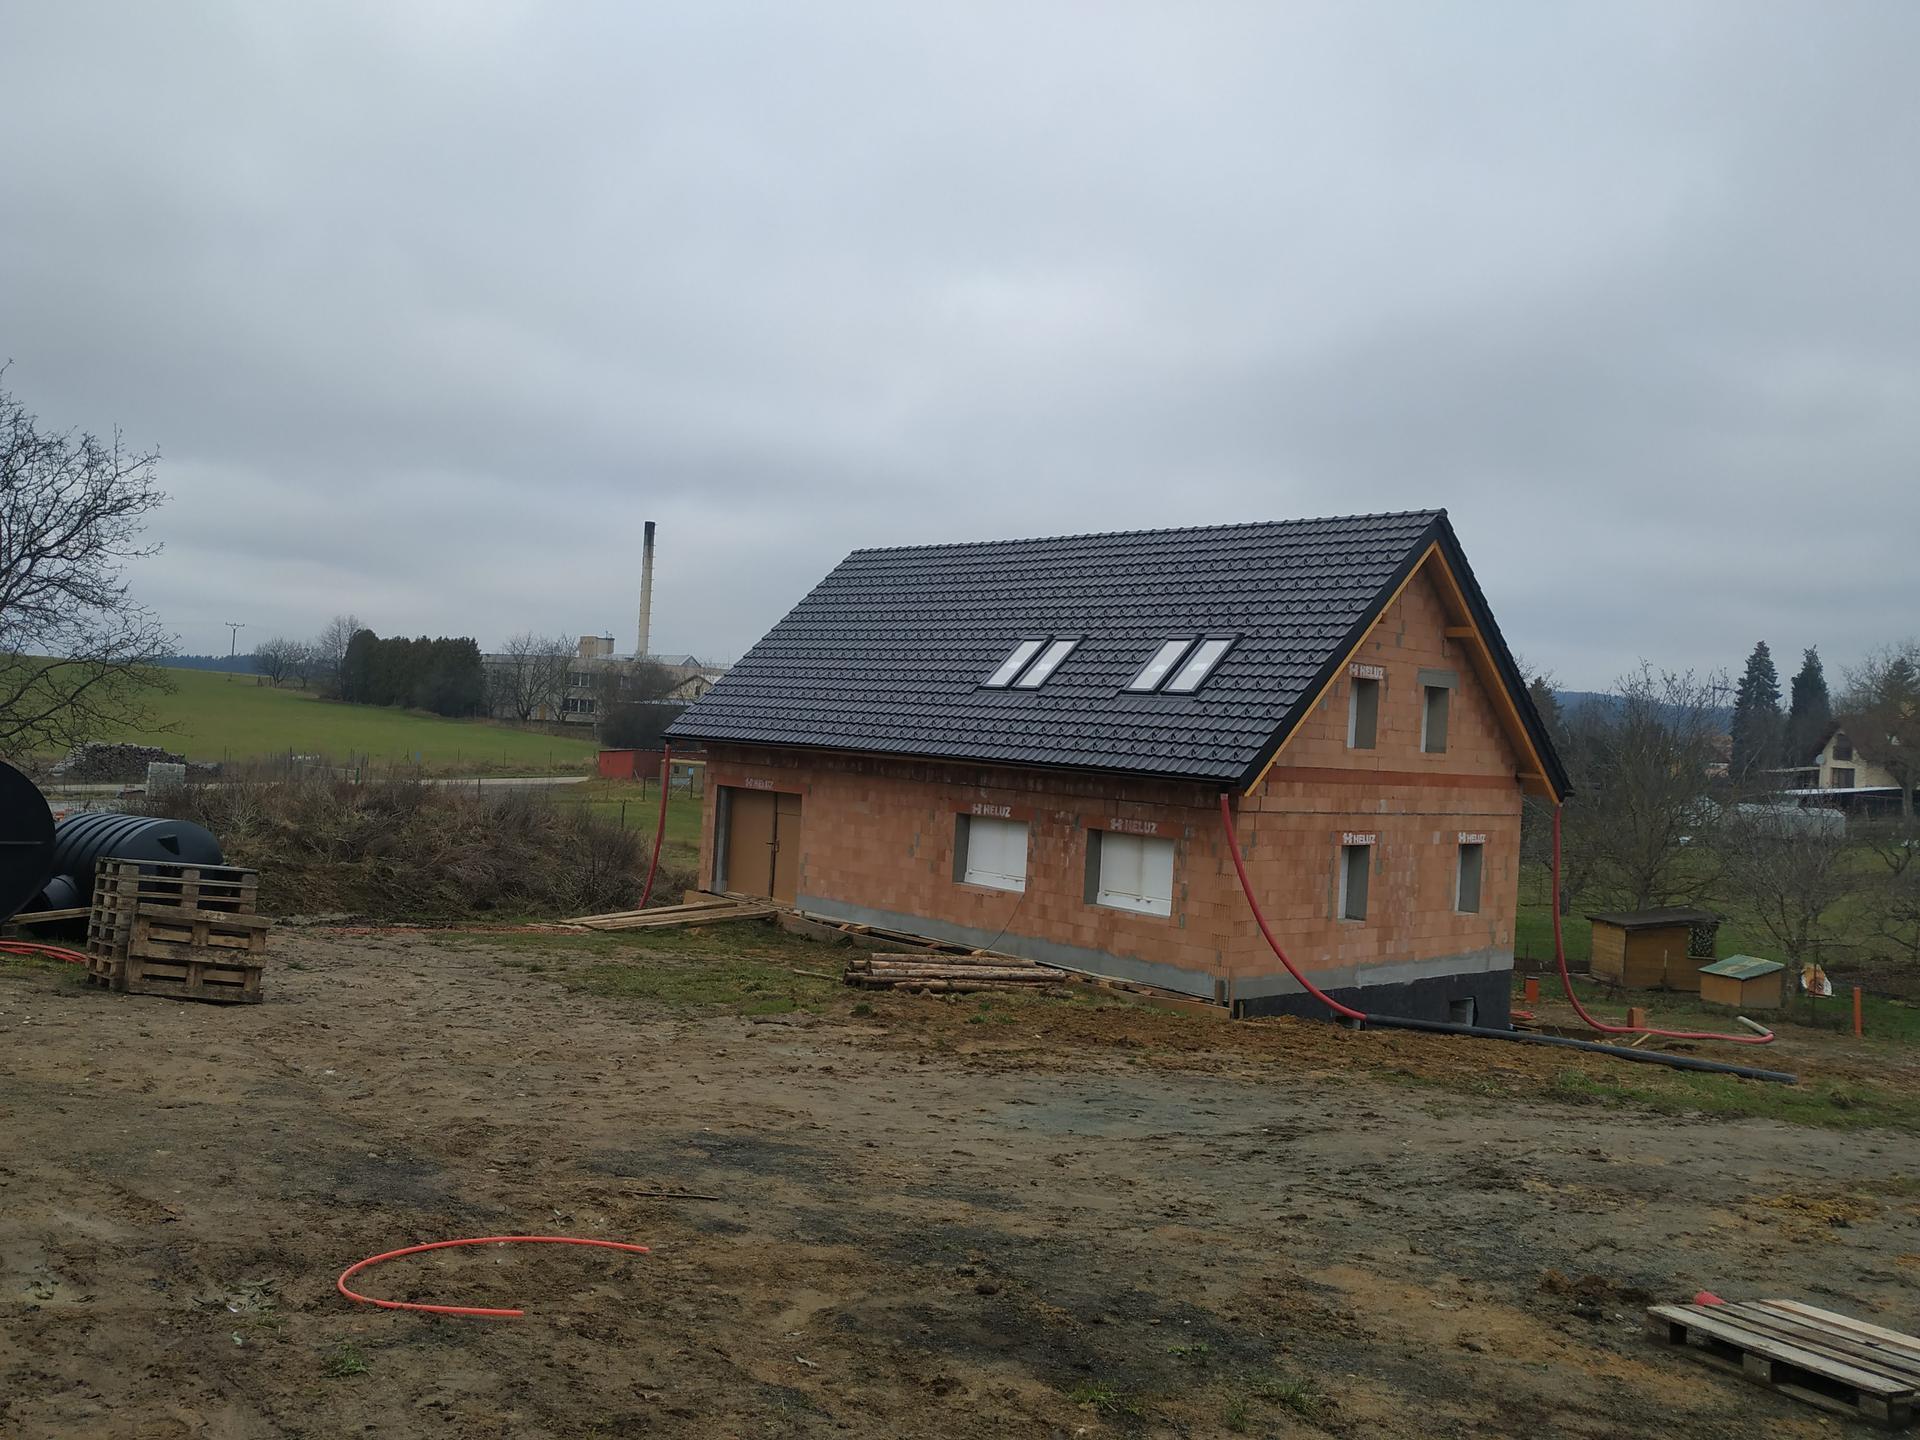 2020 Ze sklepa pod střechu a dál - Přituhuje a okna nikde, je čas trochu utěsnit díry proti zimě